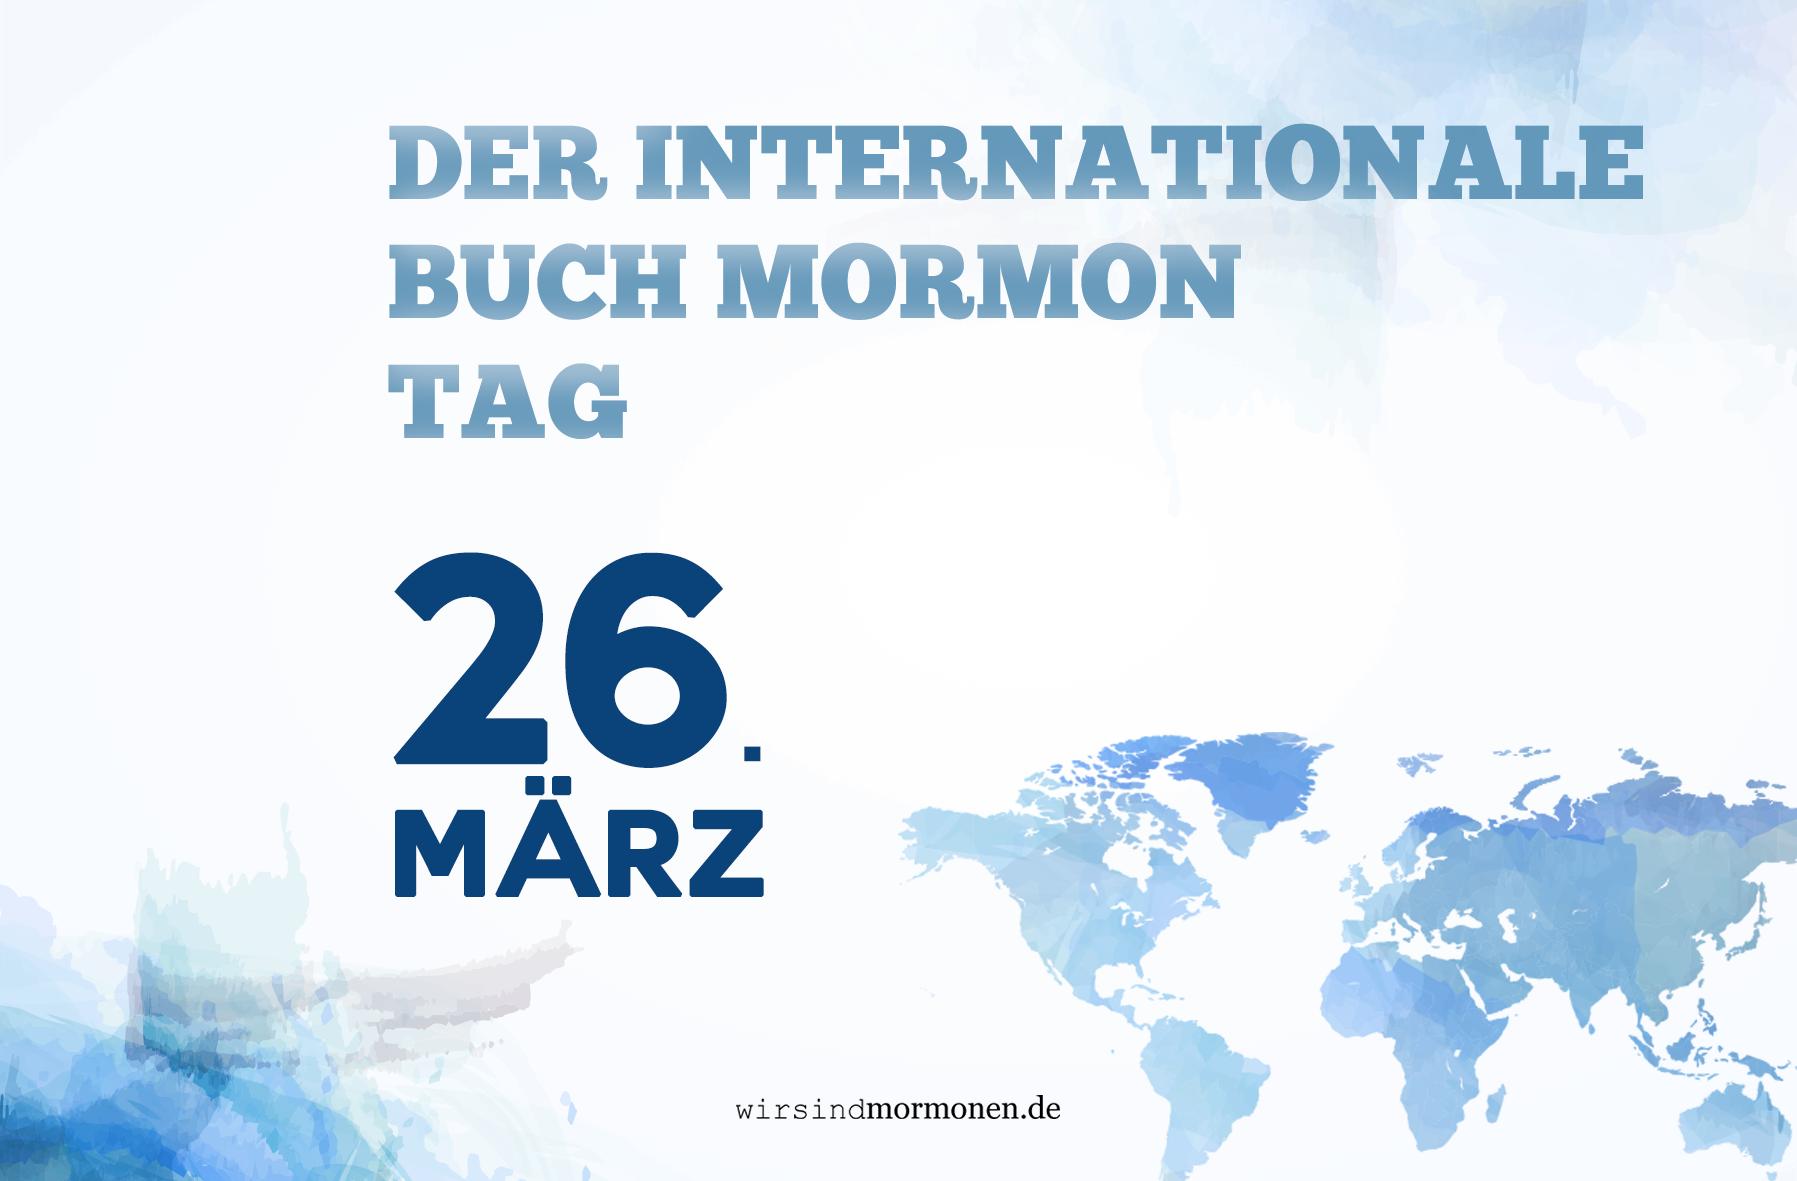 Internationaler Buch-Mormon-Tag: Feiert mit uns am 26. März